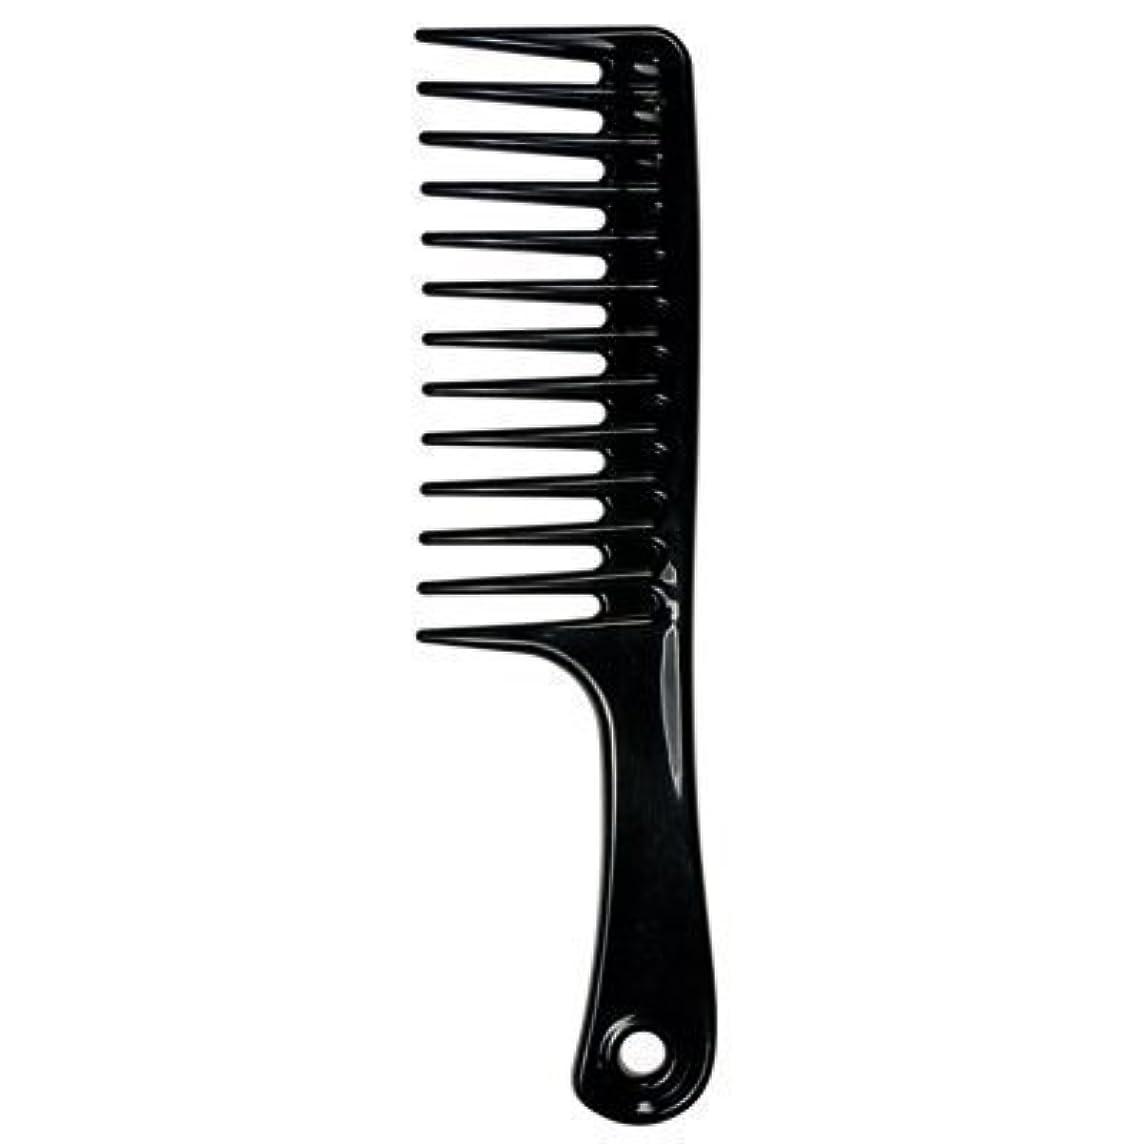 ブッシュ裁判所フィードオンLarge Tooth Detangle Comb Shampoo Wide Teeth Comb Hair Salon Shampoo Comb Unbreakable 9 1/2